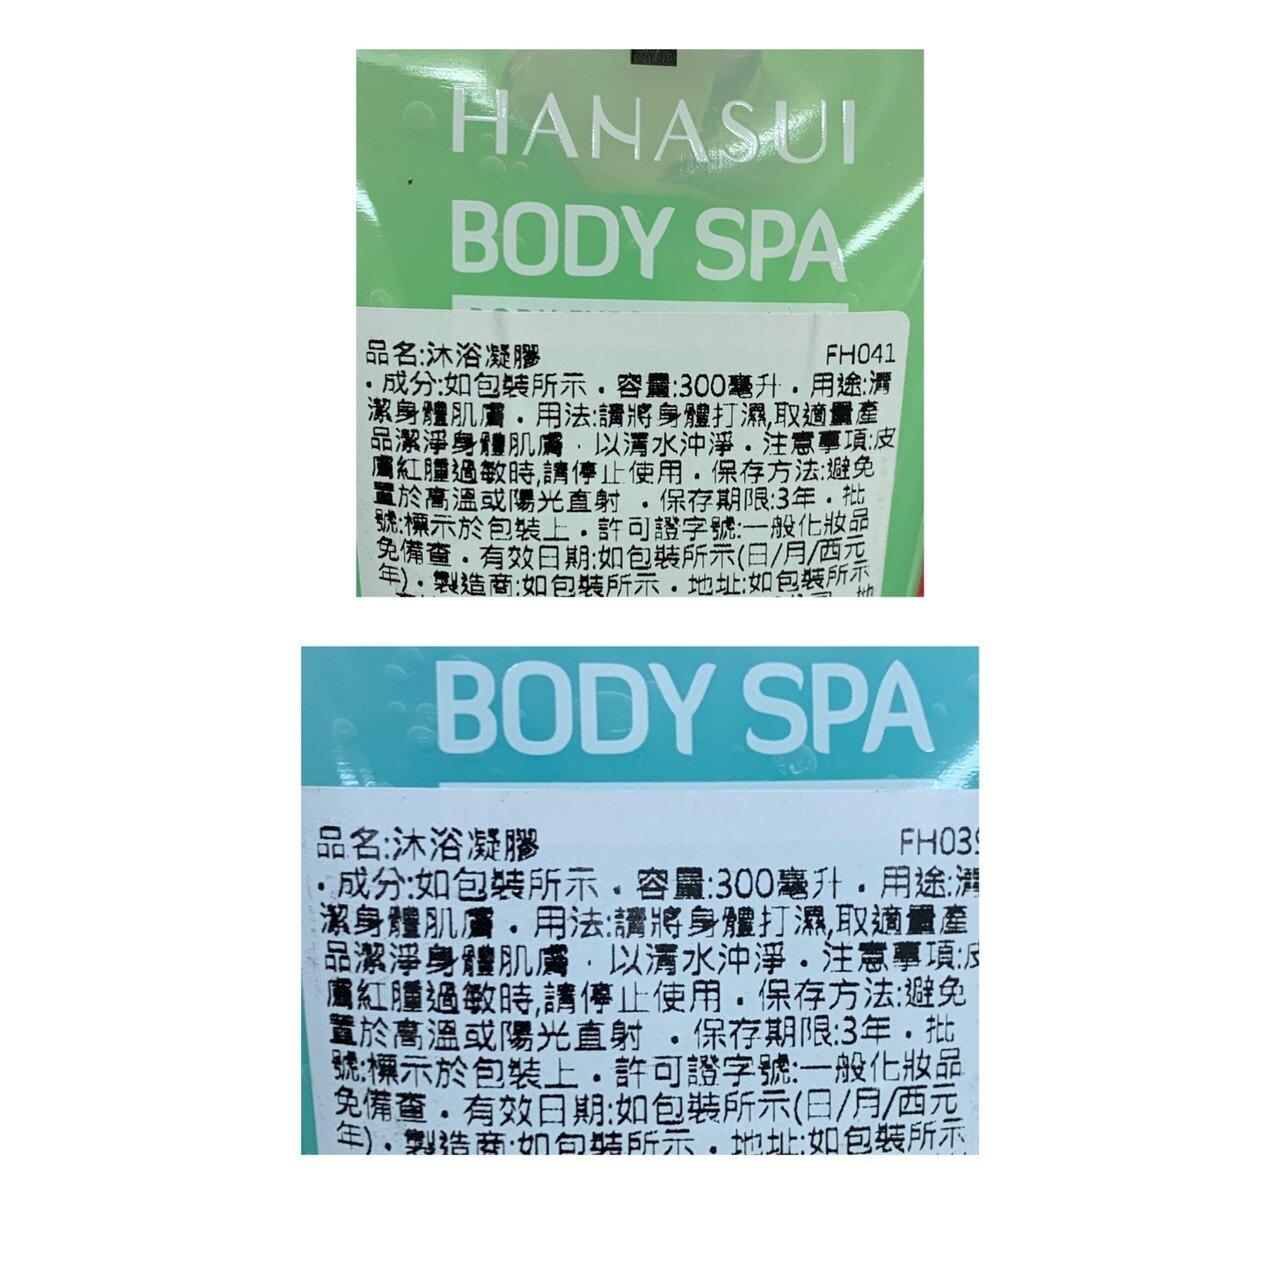 {泰菲印越} 印尼 hanasui body spa  沐浴凝膠 去角質  300ml